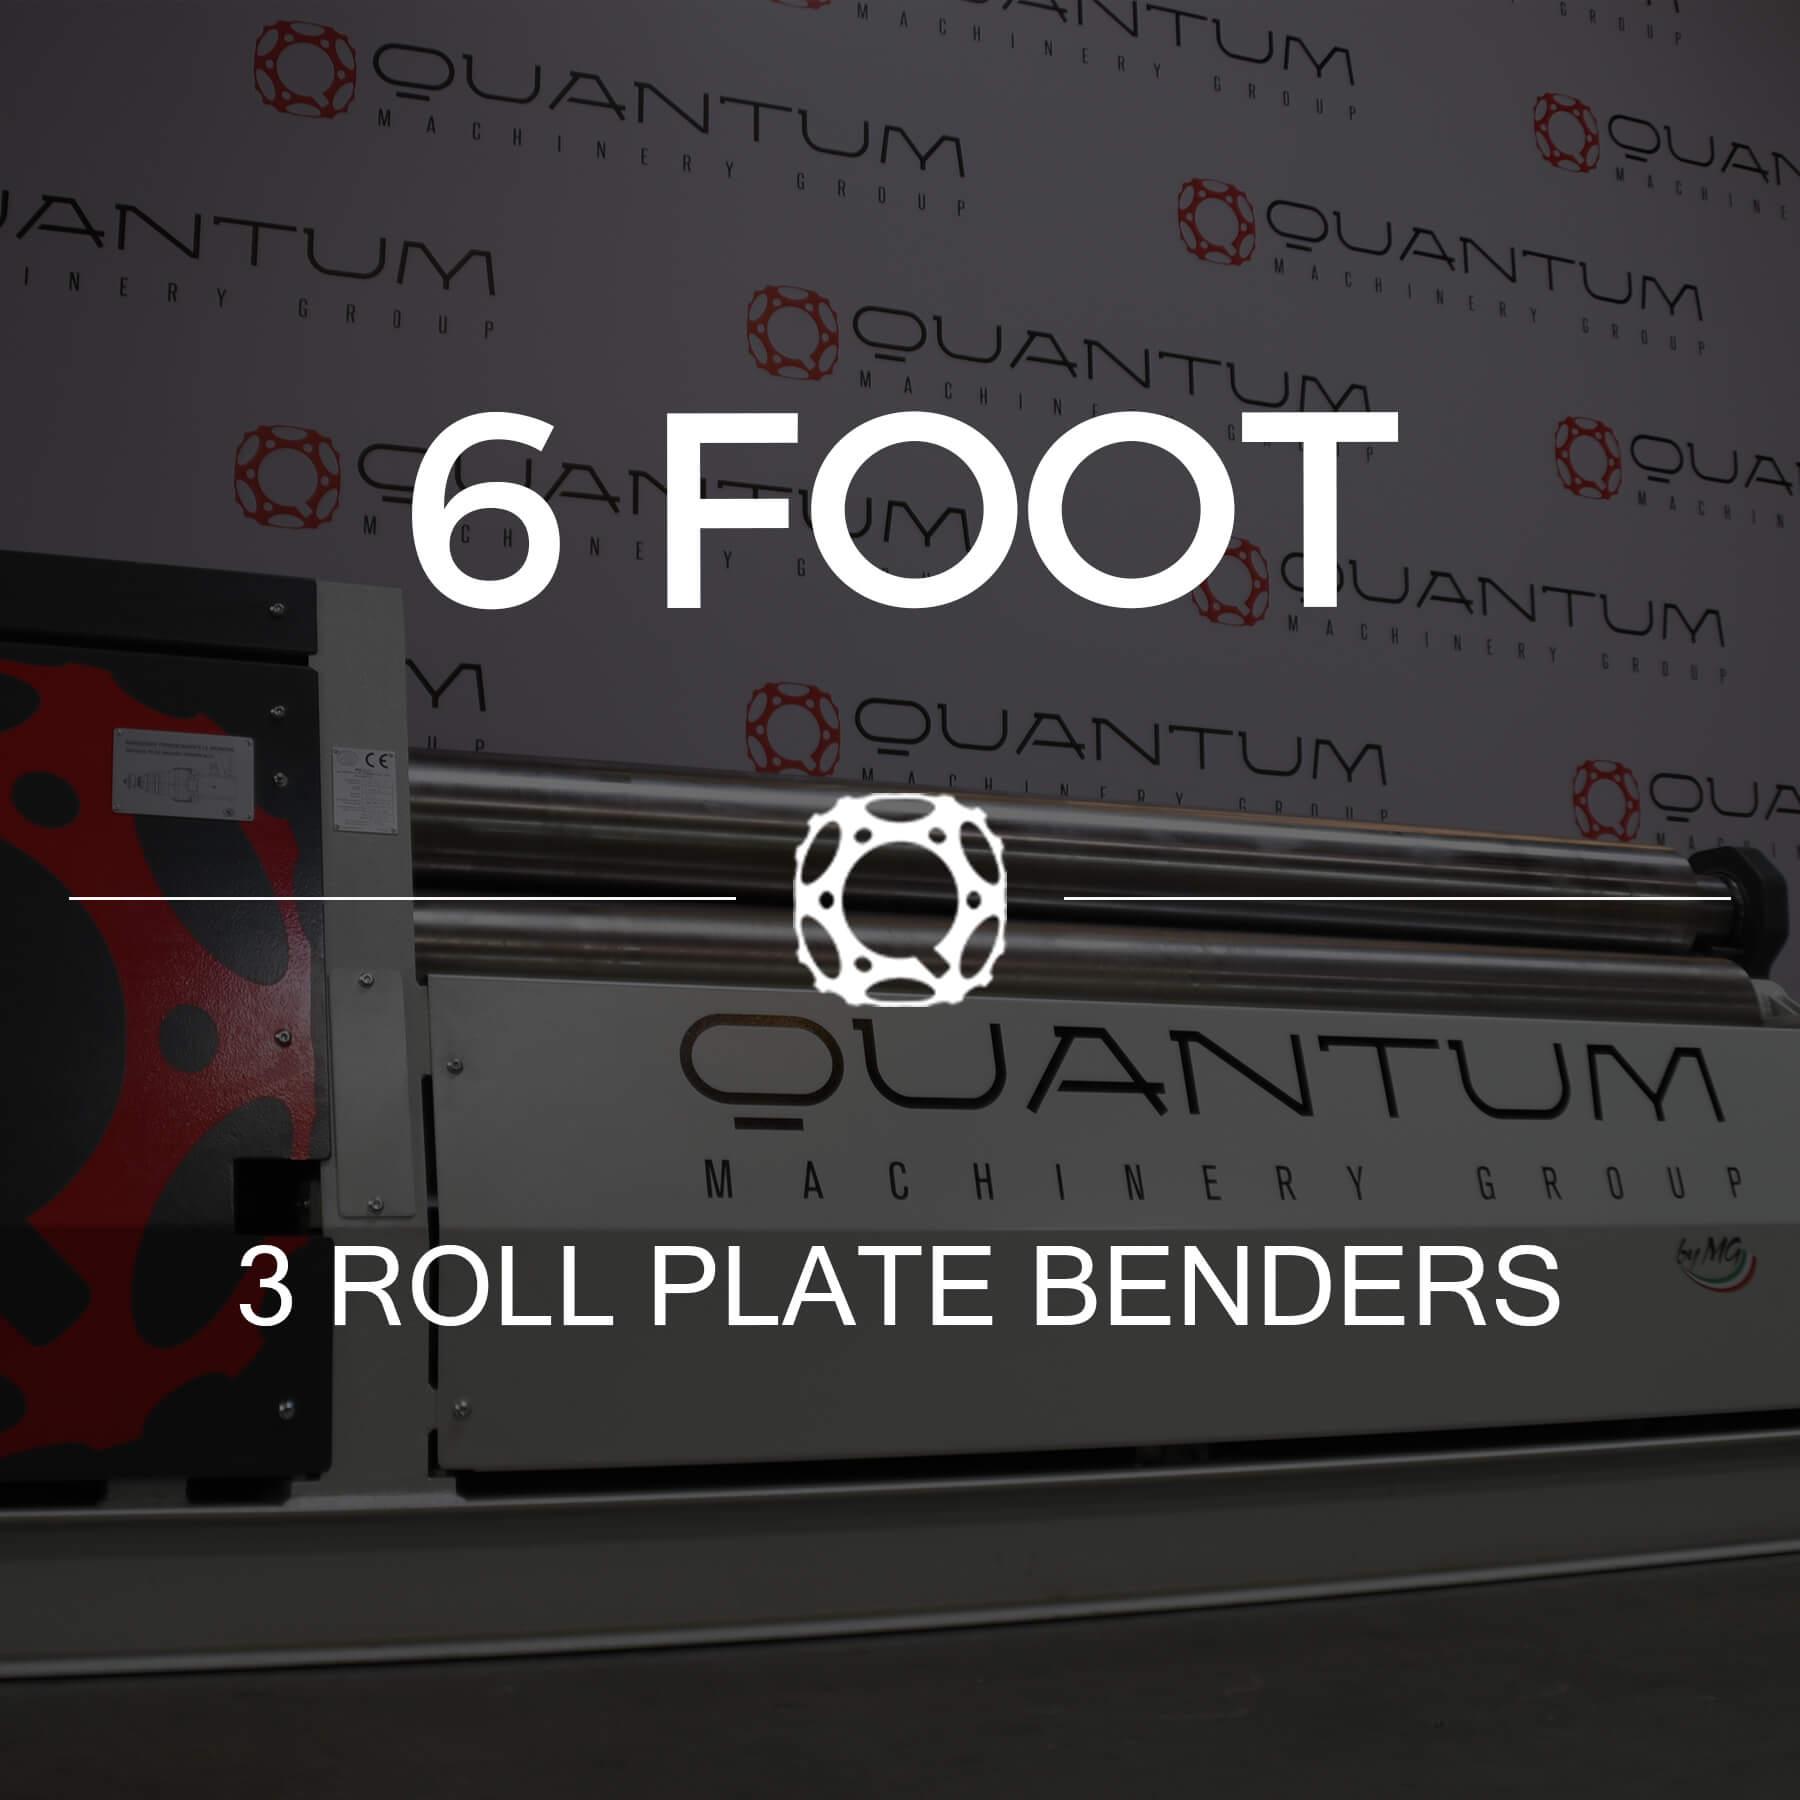 6 Foot - 3 Roll Plate Benders (1).jpg